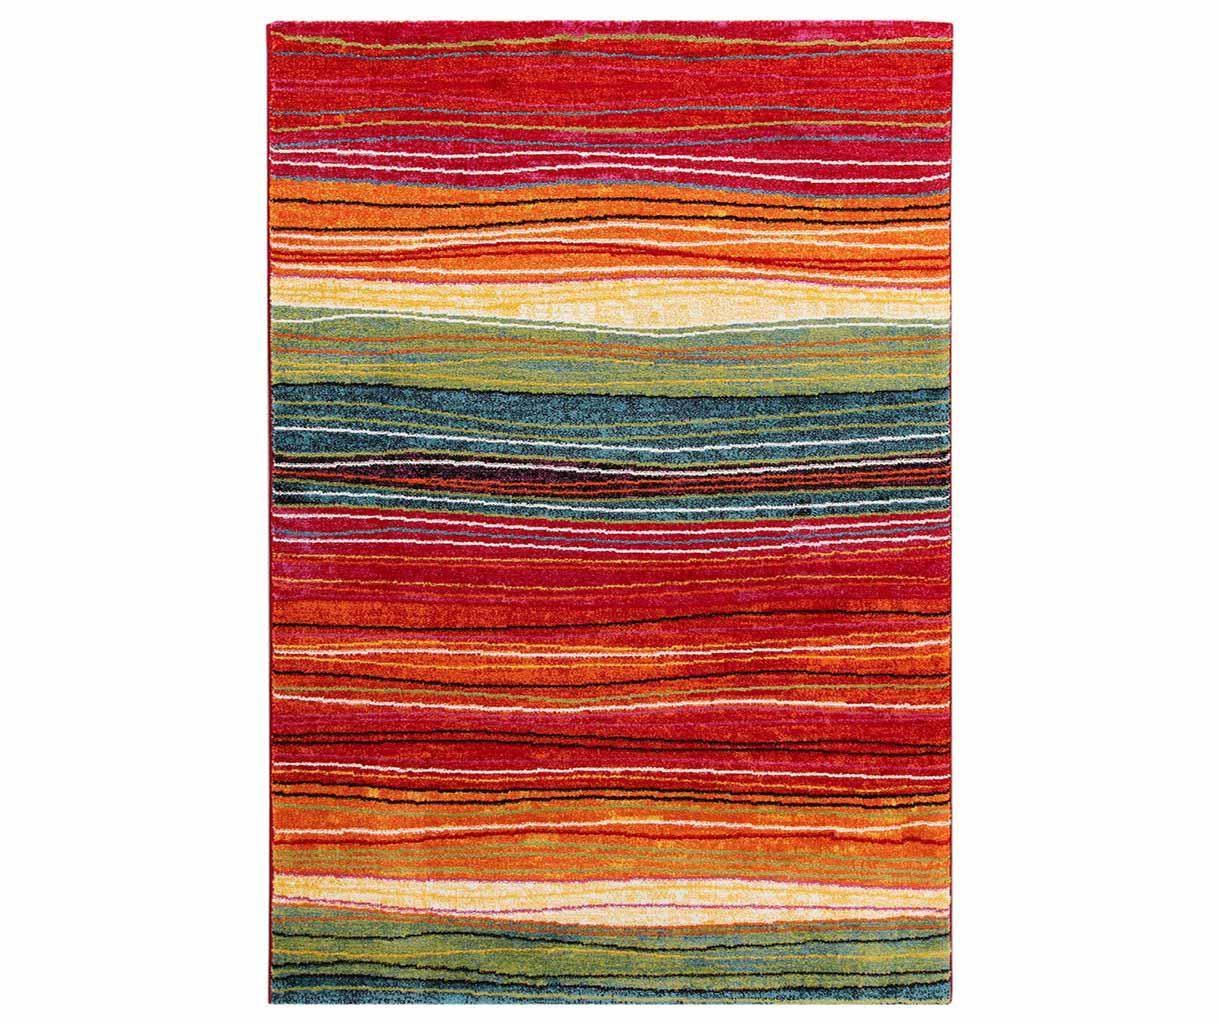 Covor Gioia Cane 200x200 cm - Viva, Multicolor